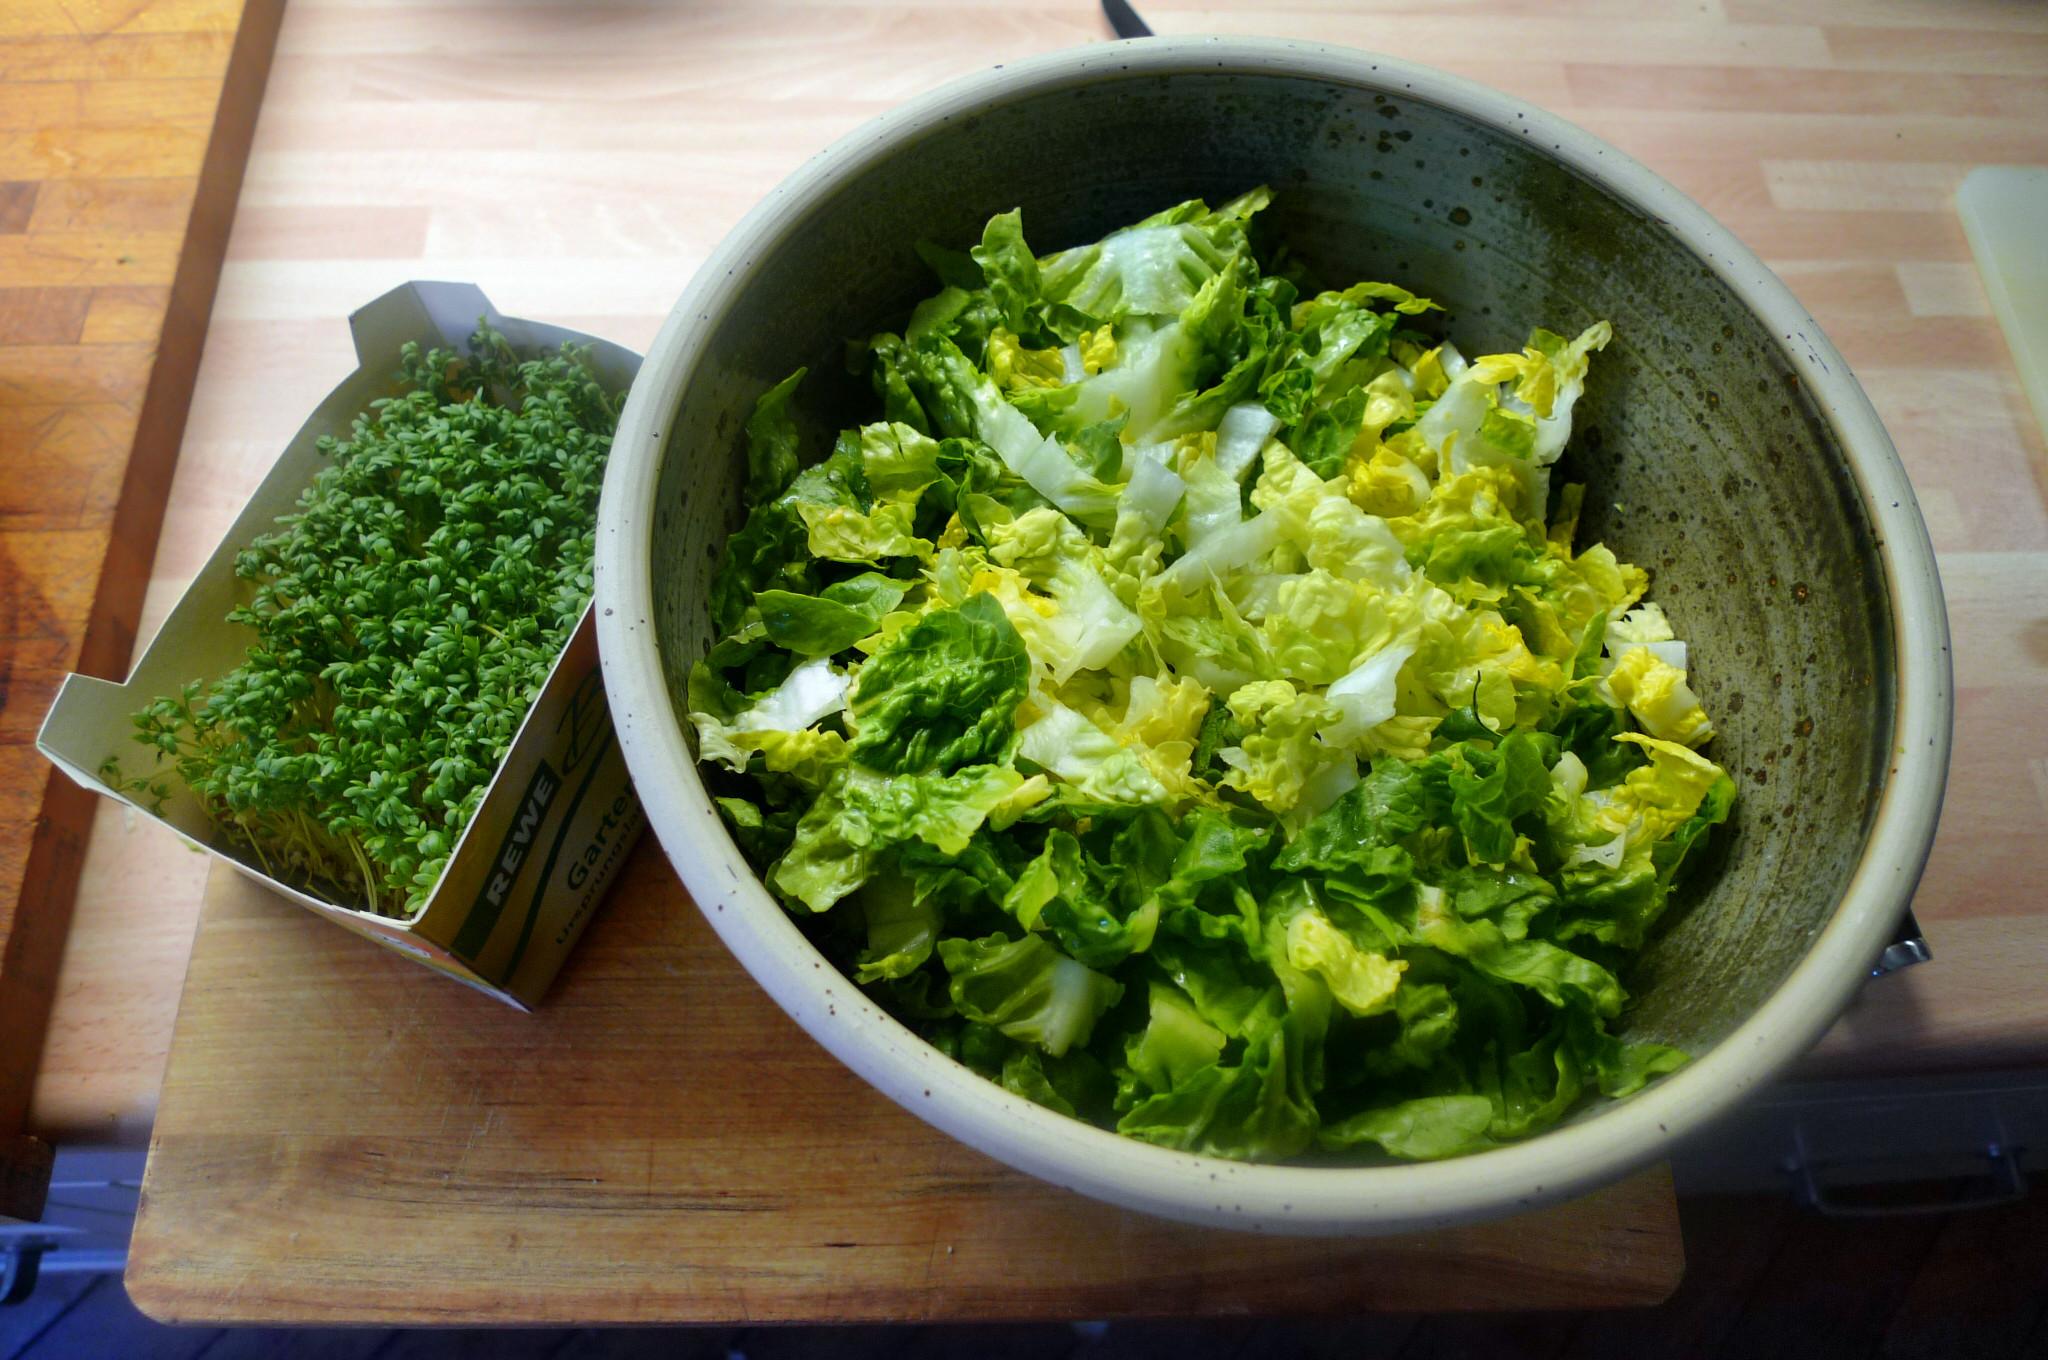 Roh gebratene Kartoffeln,Kräutersaitlinge,Champignon,Römersalat - 26.2.15   (7)